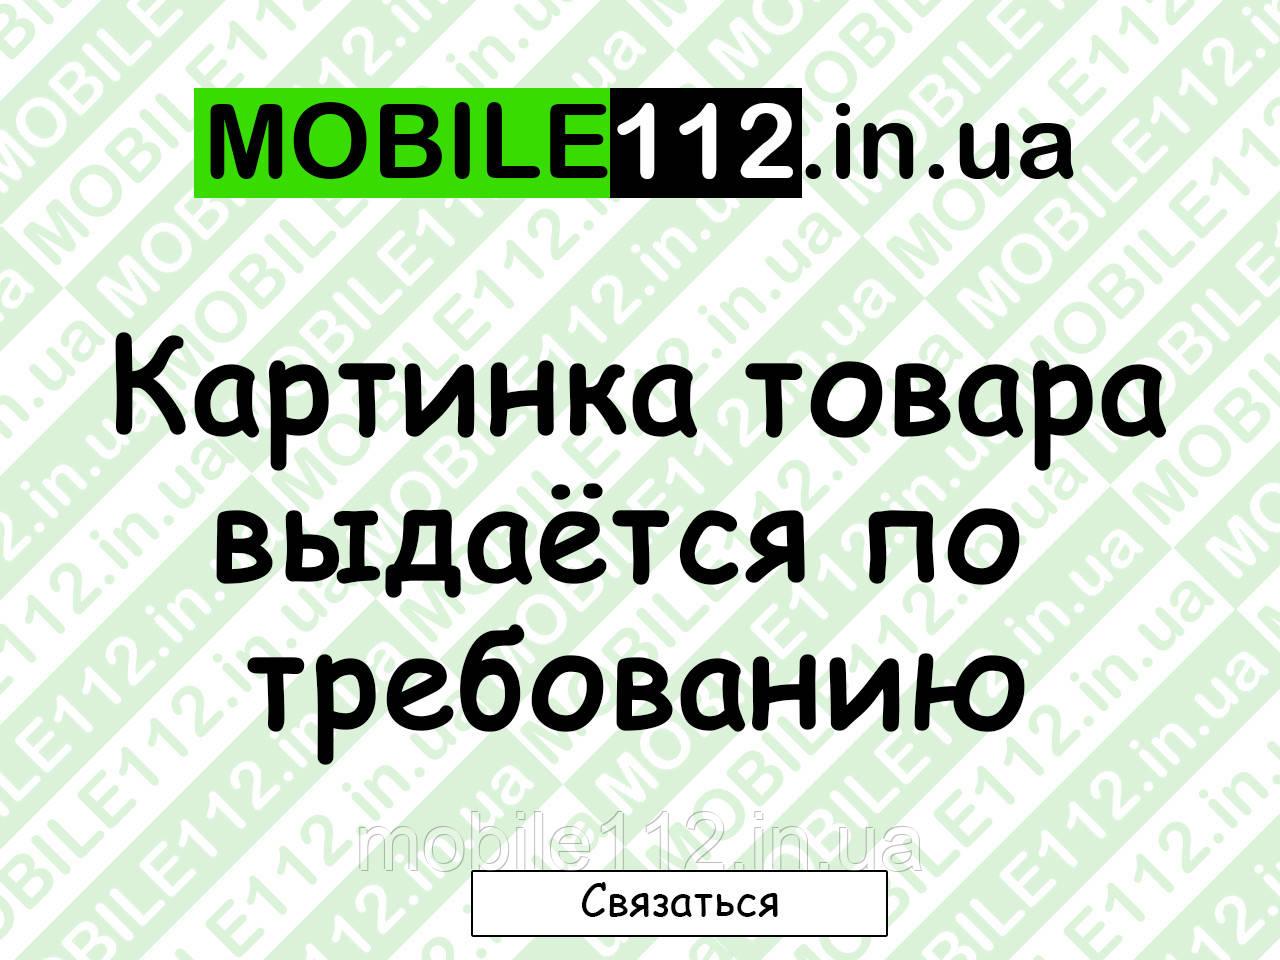 Дисплей для Nokia C6-01